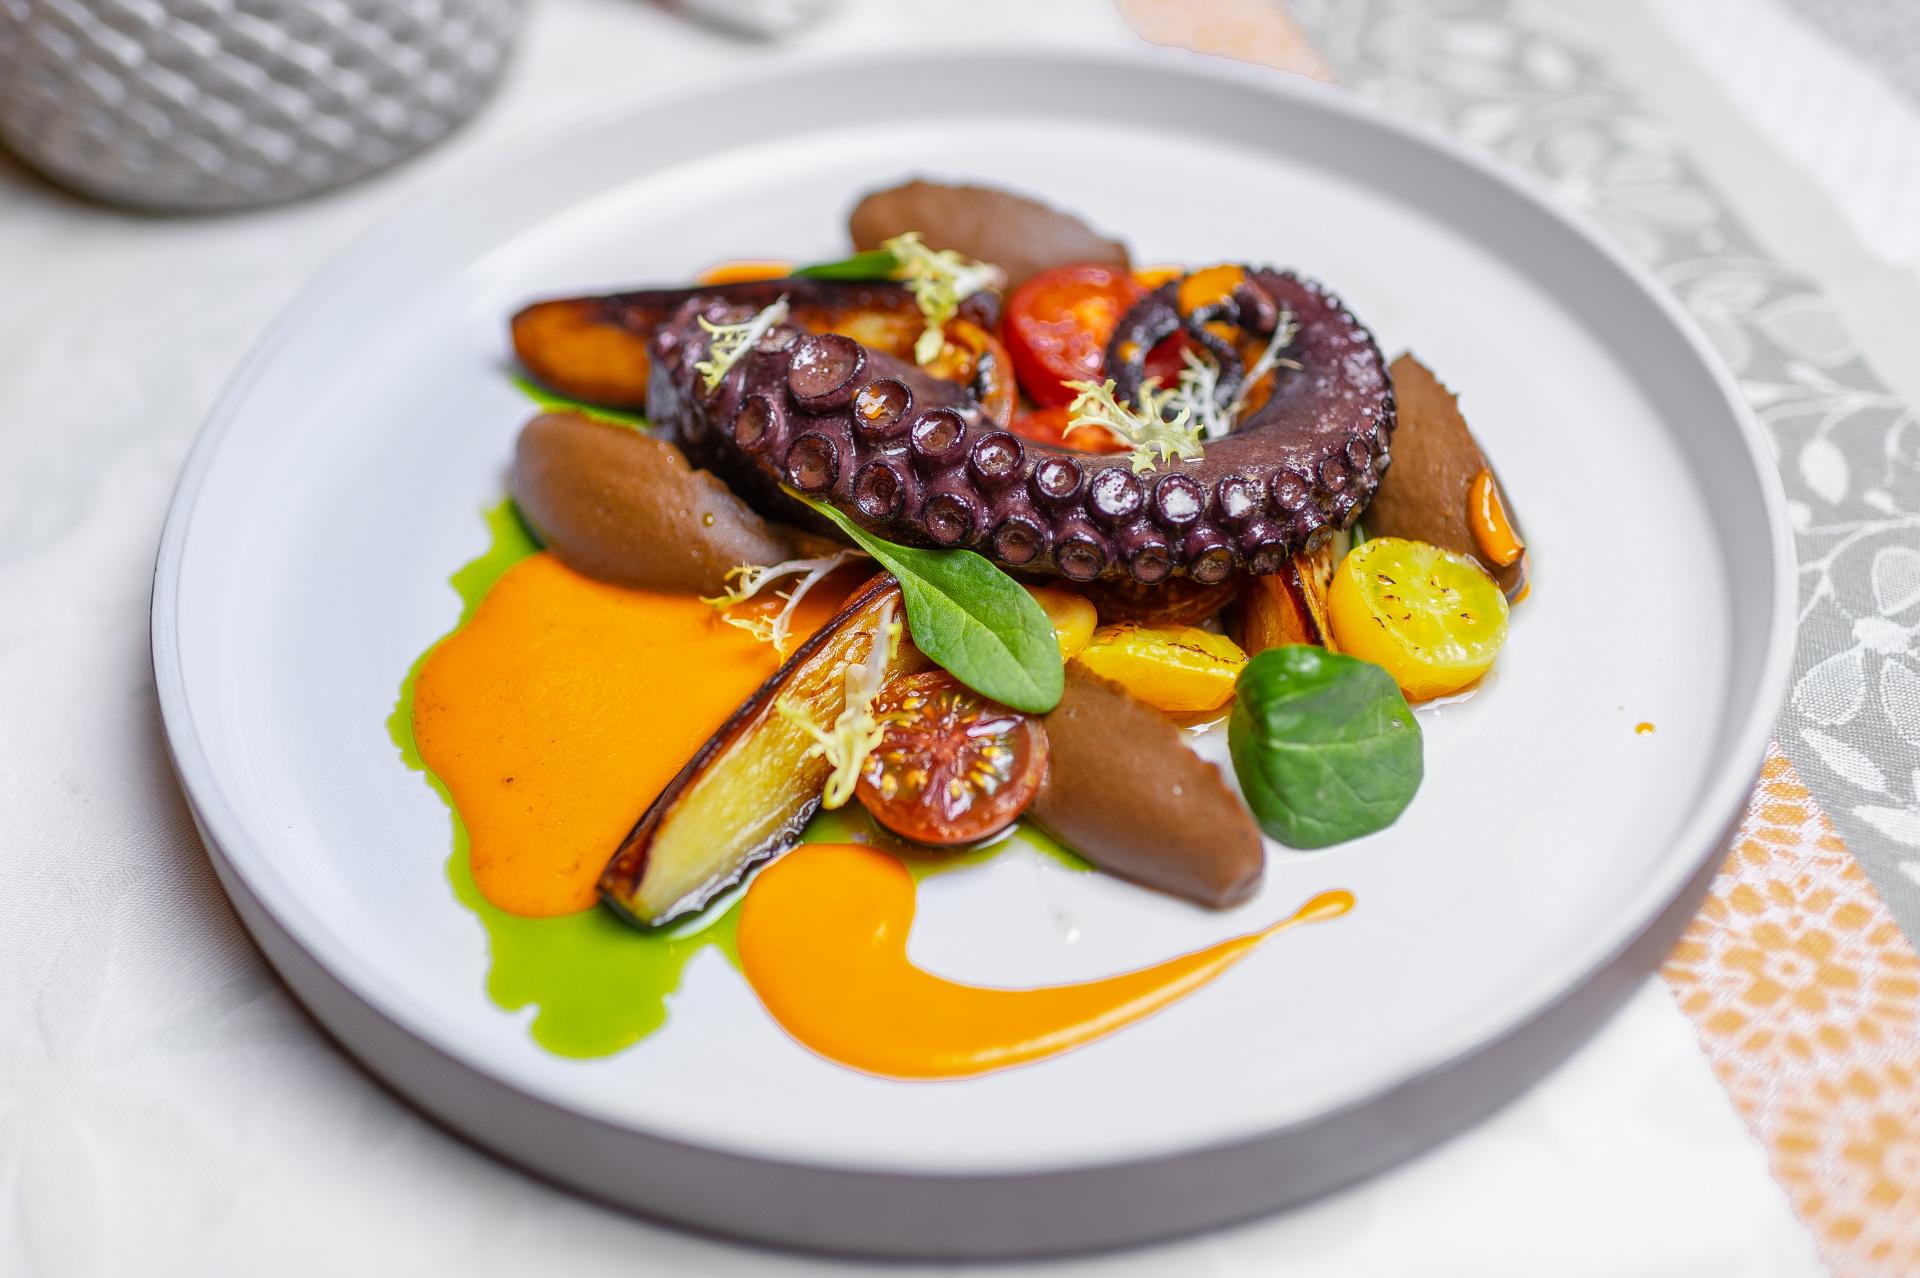 Chobotnice, lilek, lilkové pyré, malá rajčata, česnekový konfit, bazalkový olej a bílá rajčatová omáčka